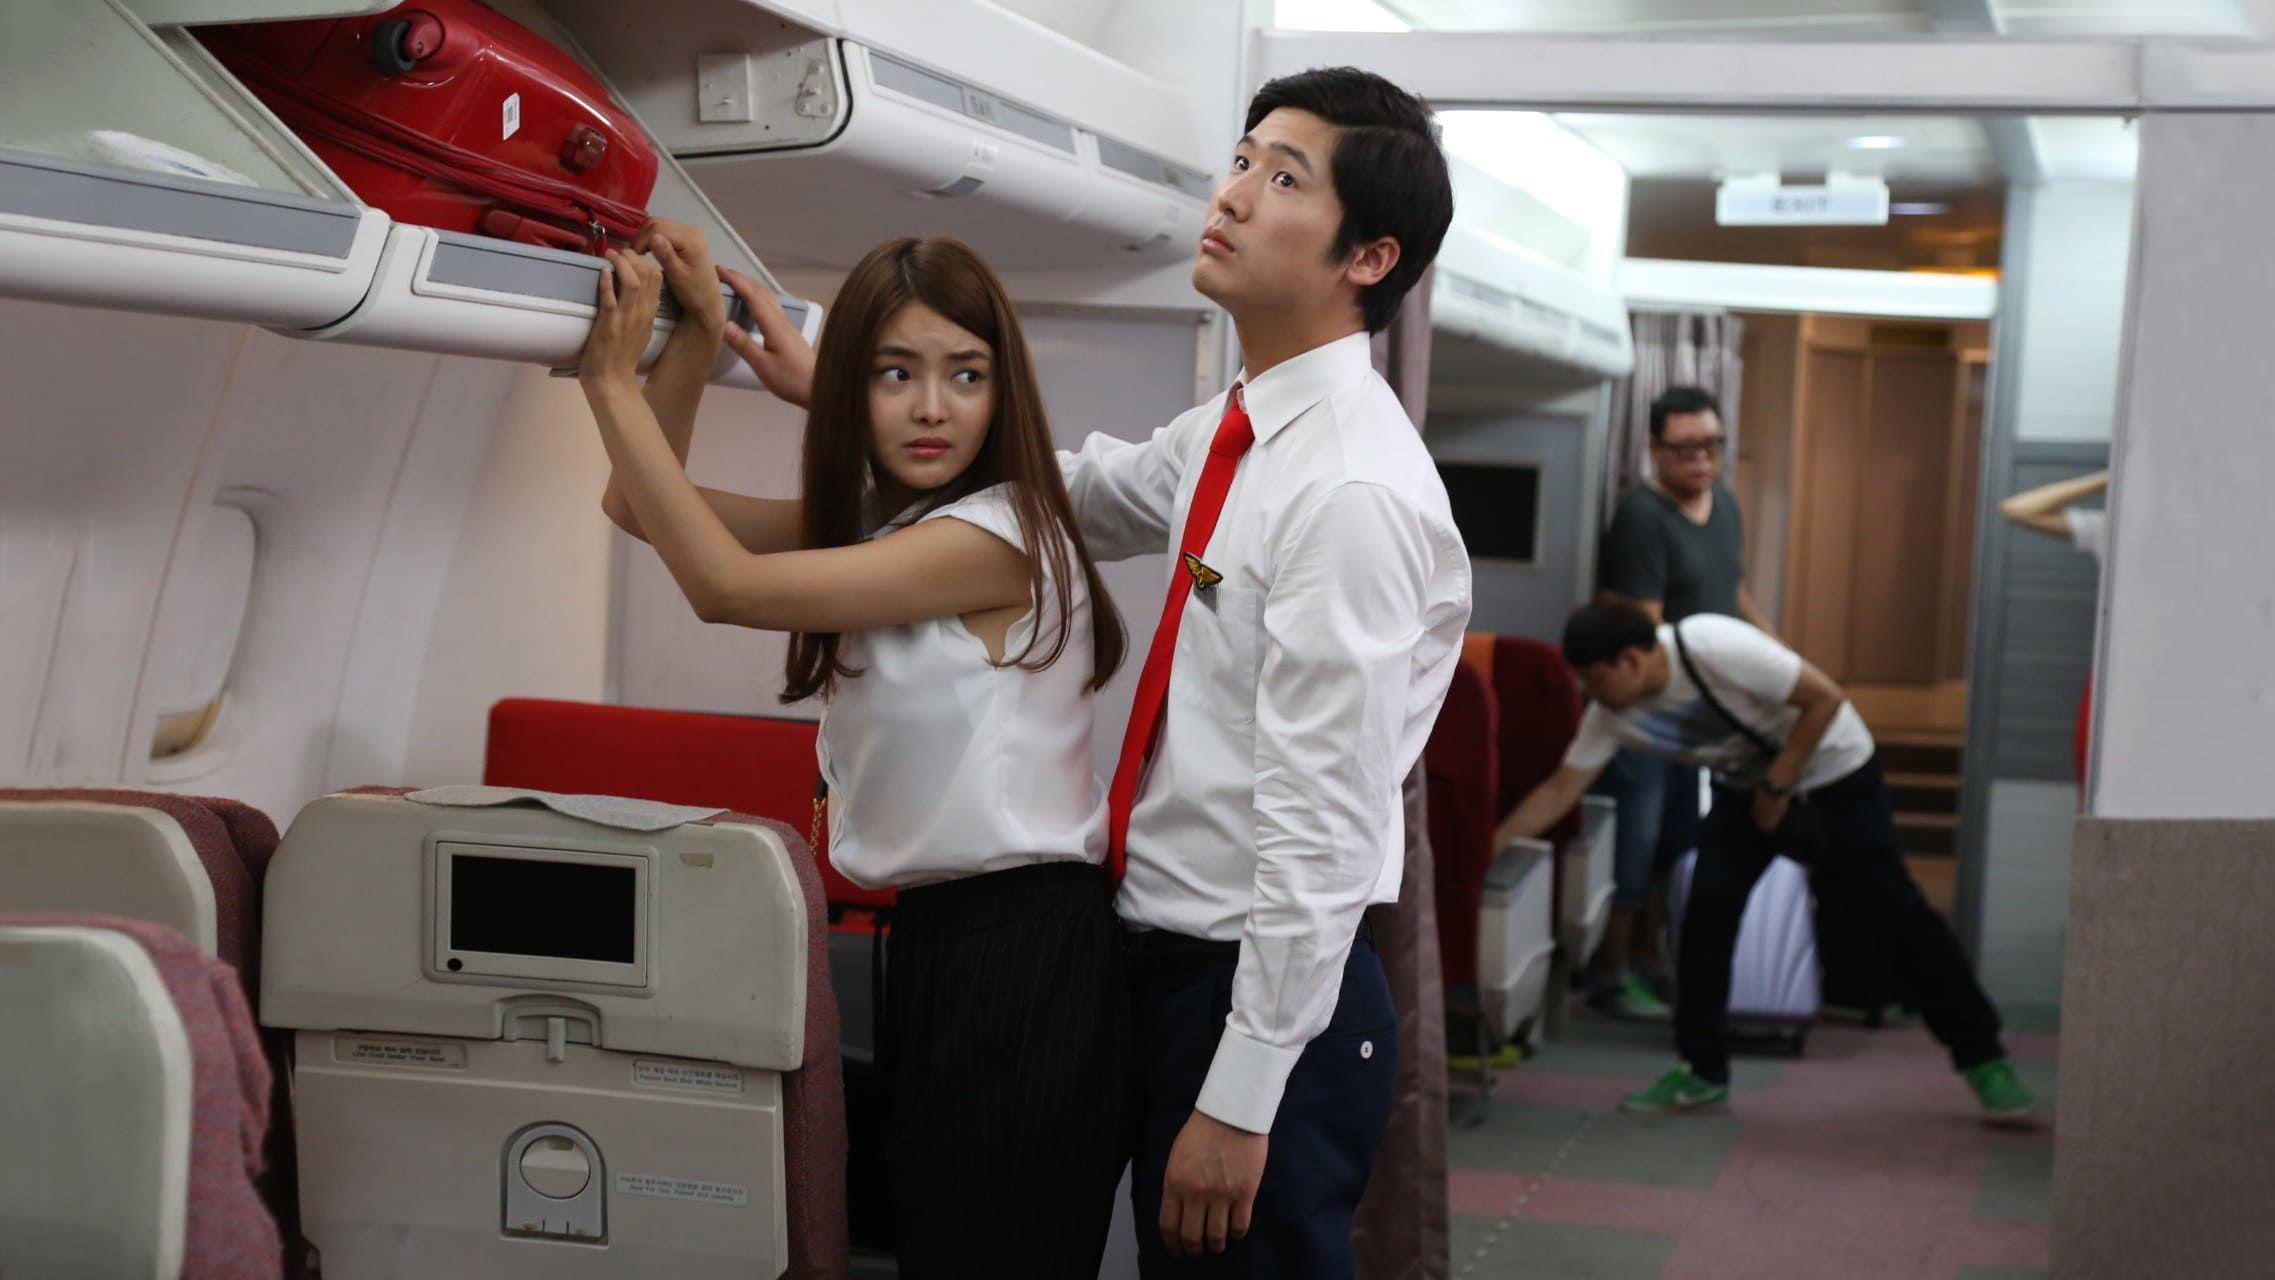 맛있는 비행 2015 putlocker film complet streaming Film komedi